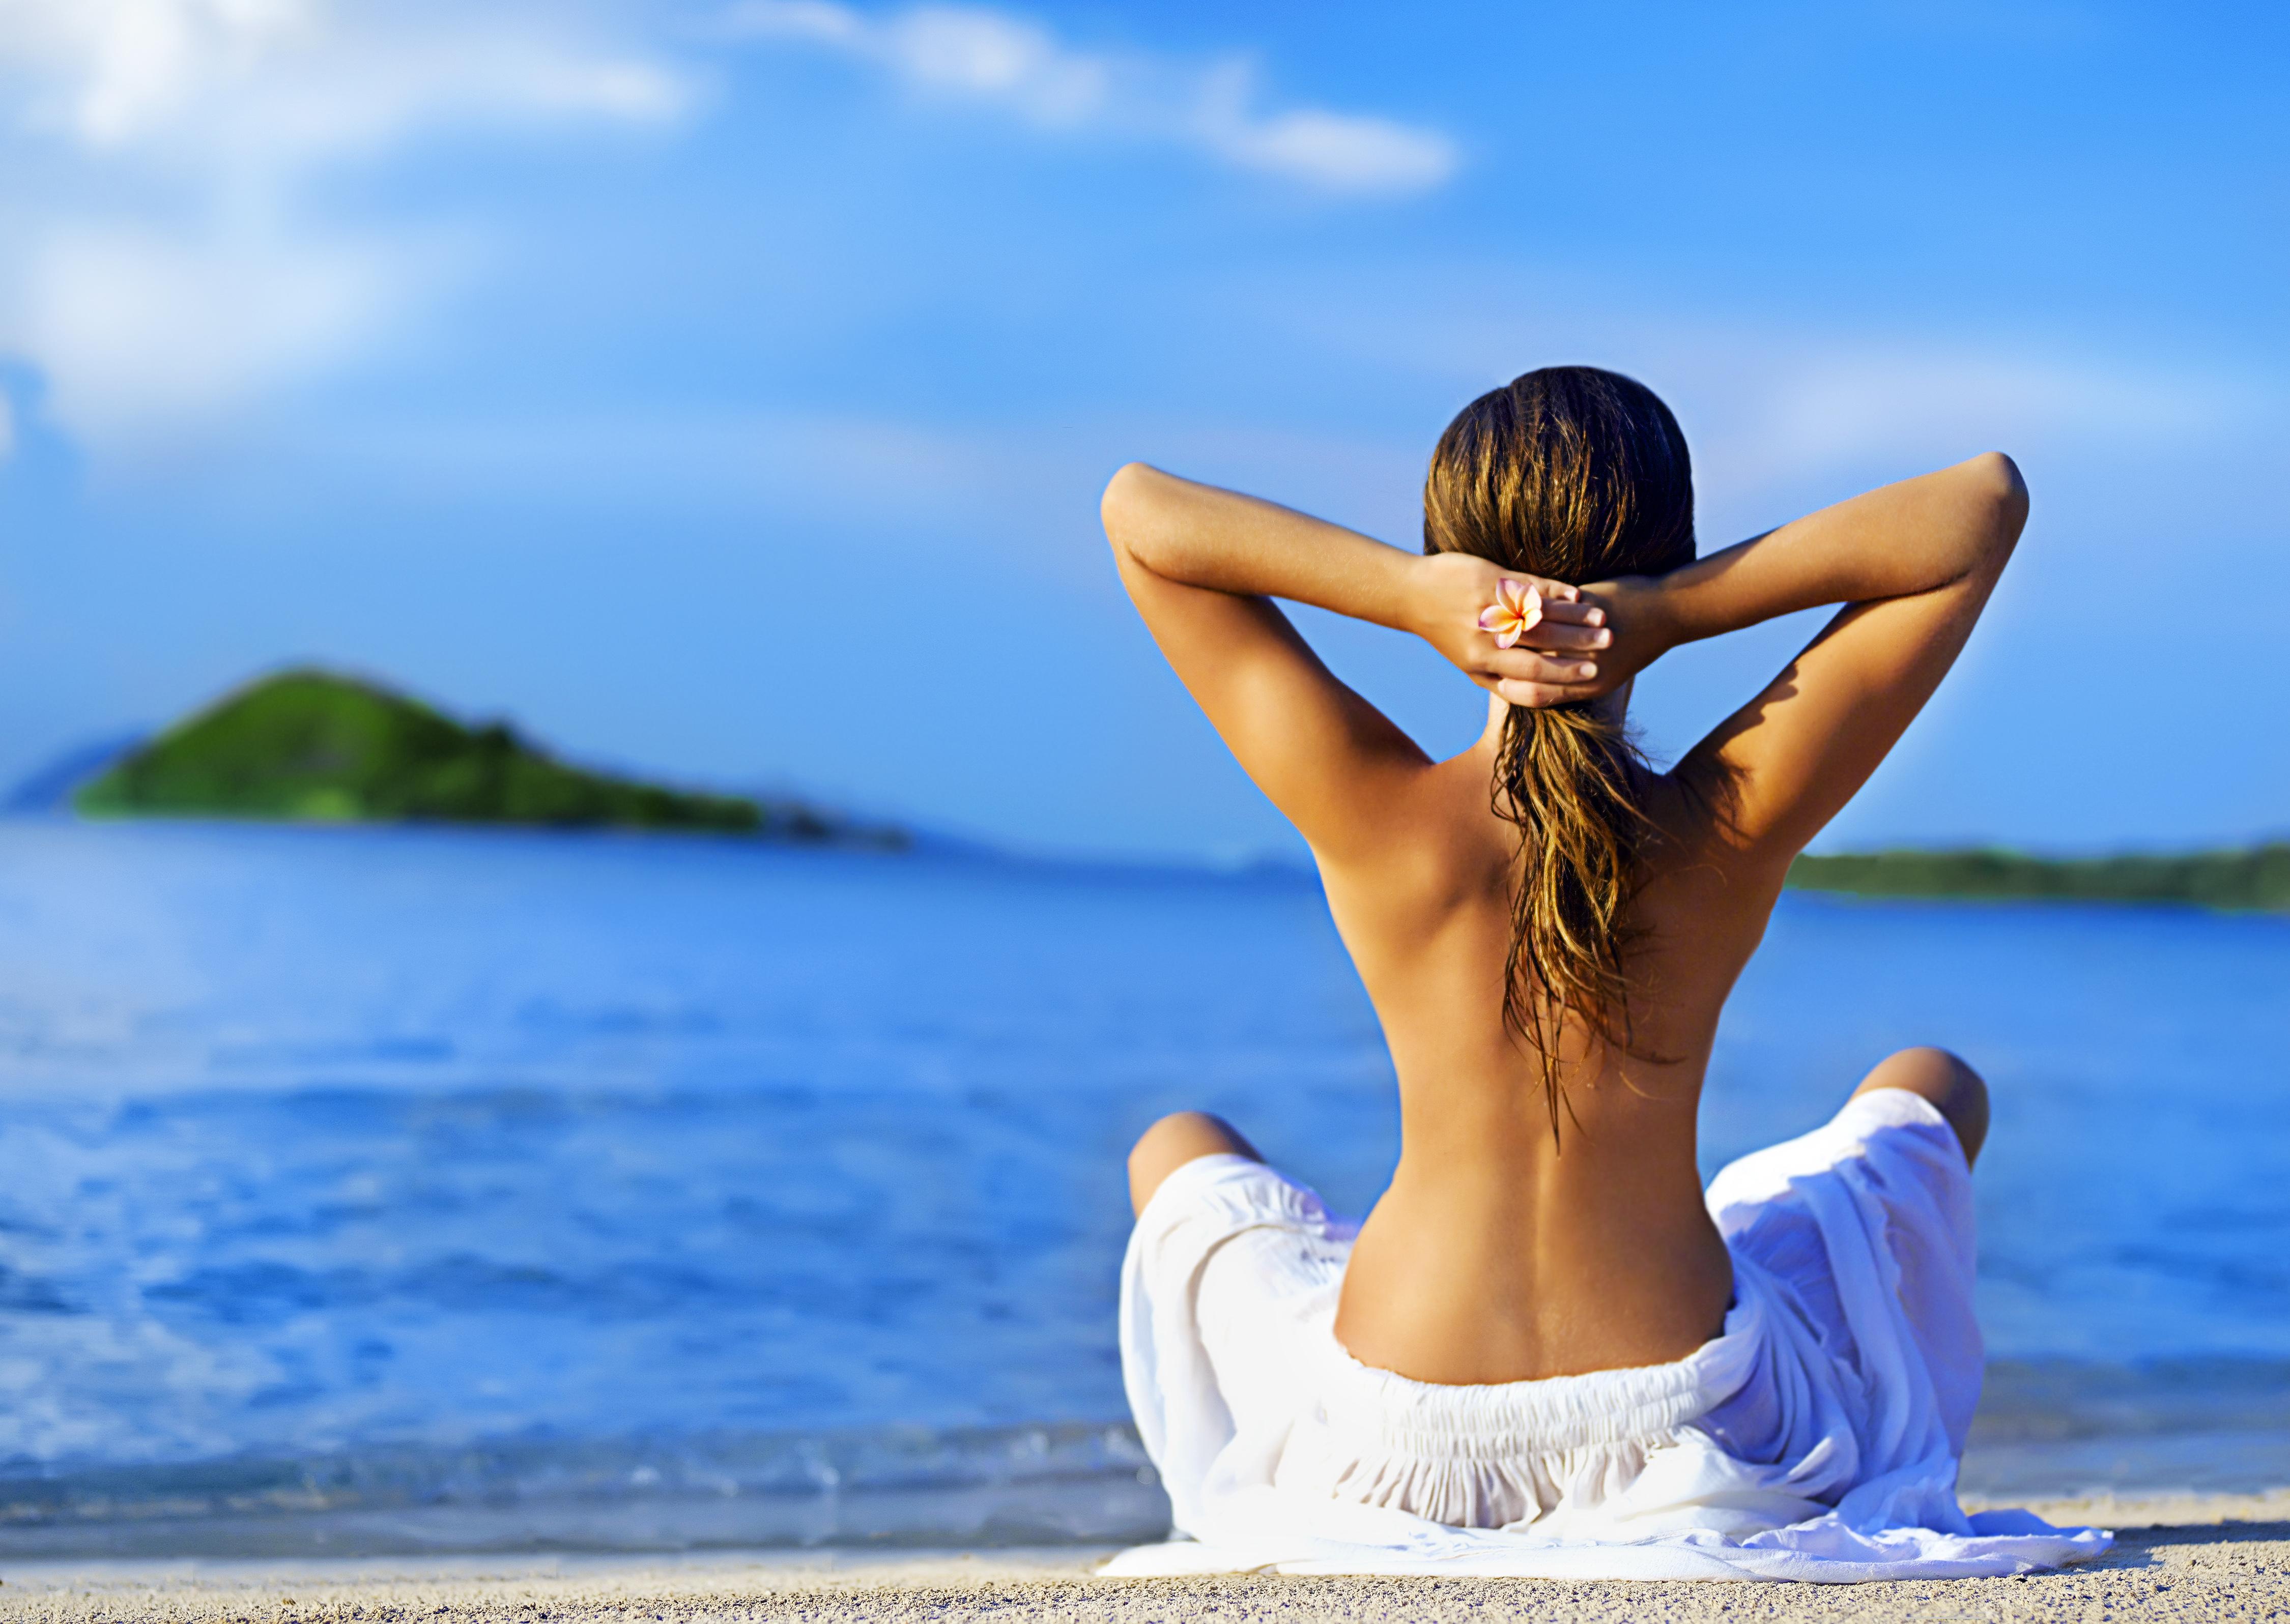 Правильная осанка - залог красоты и здоровья - здоров-инфо.